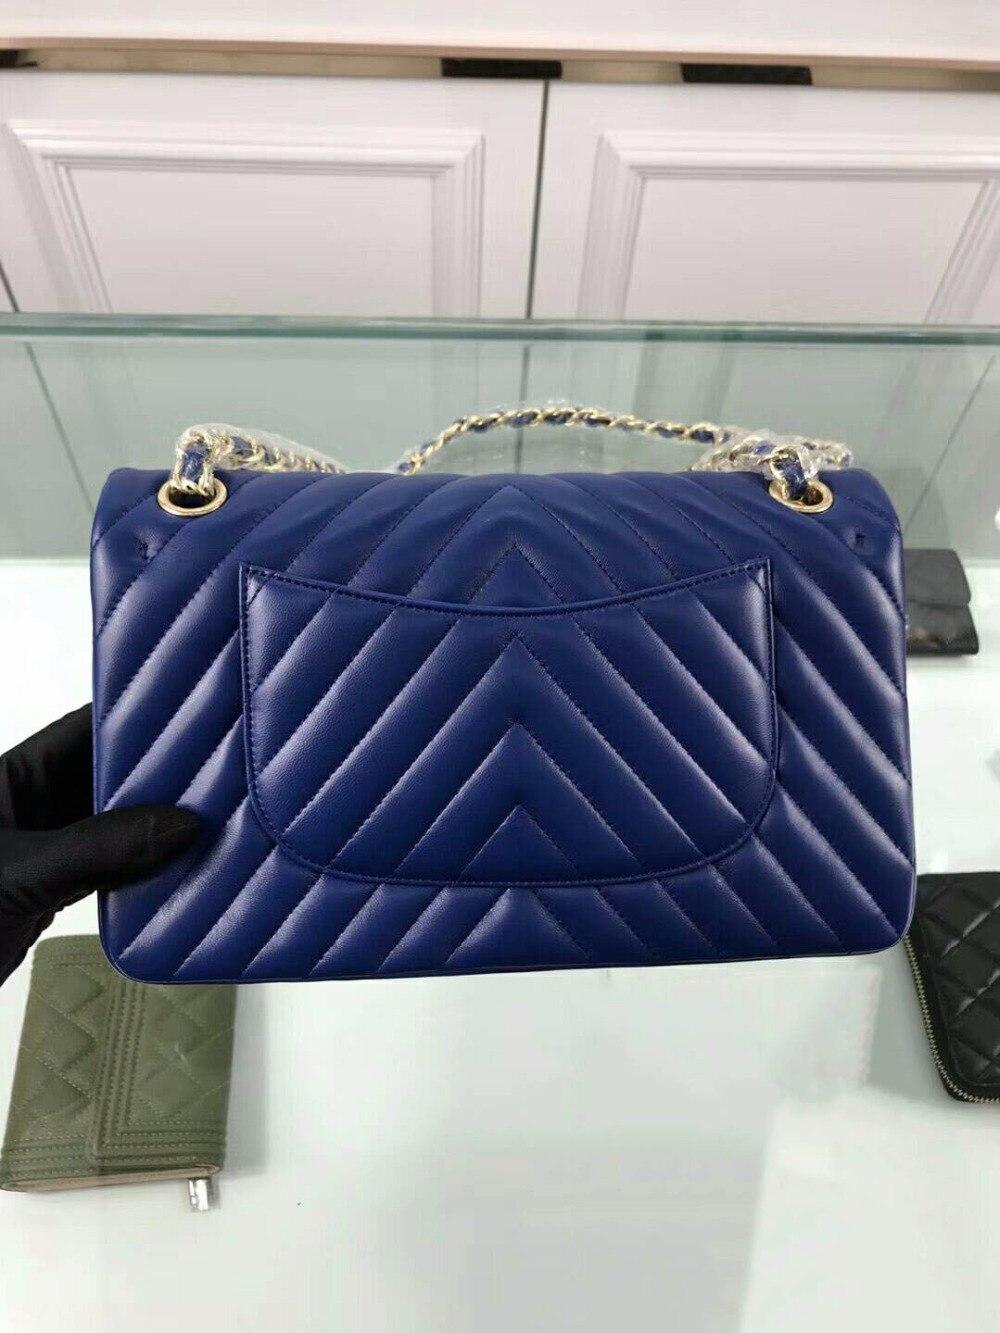 À Luxe Pour L'europe Gratuite Femme Marque Blue En 20war06209 rose Sac Cuir Main Dames Fantastique 2019 Sacs De Deep Véritable Mode Chaud Livraison Piste aHwz7qY